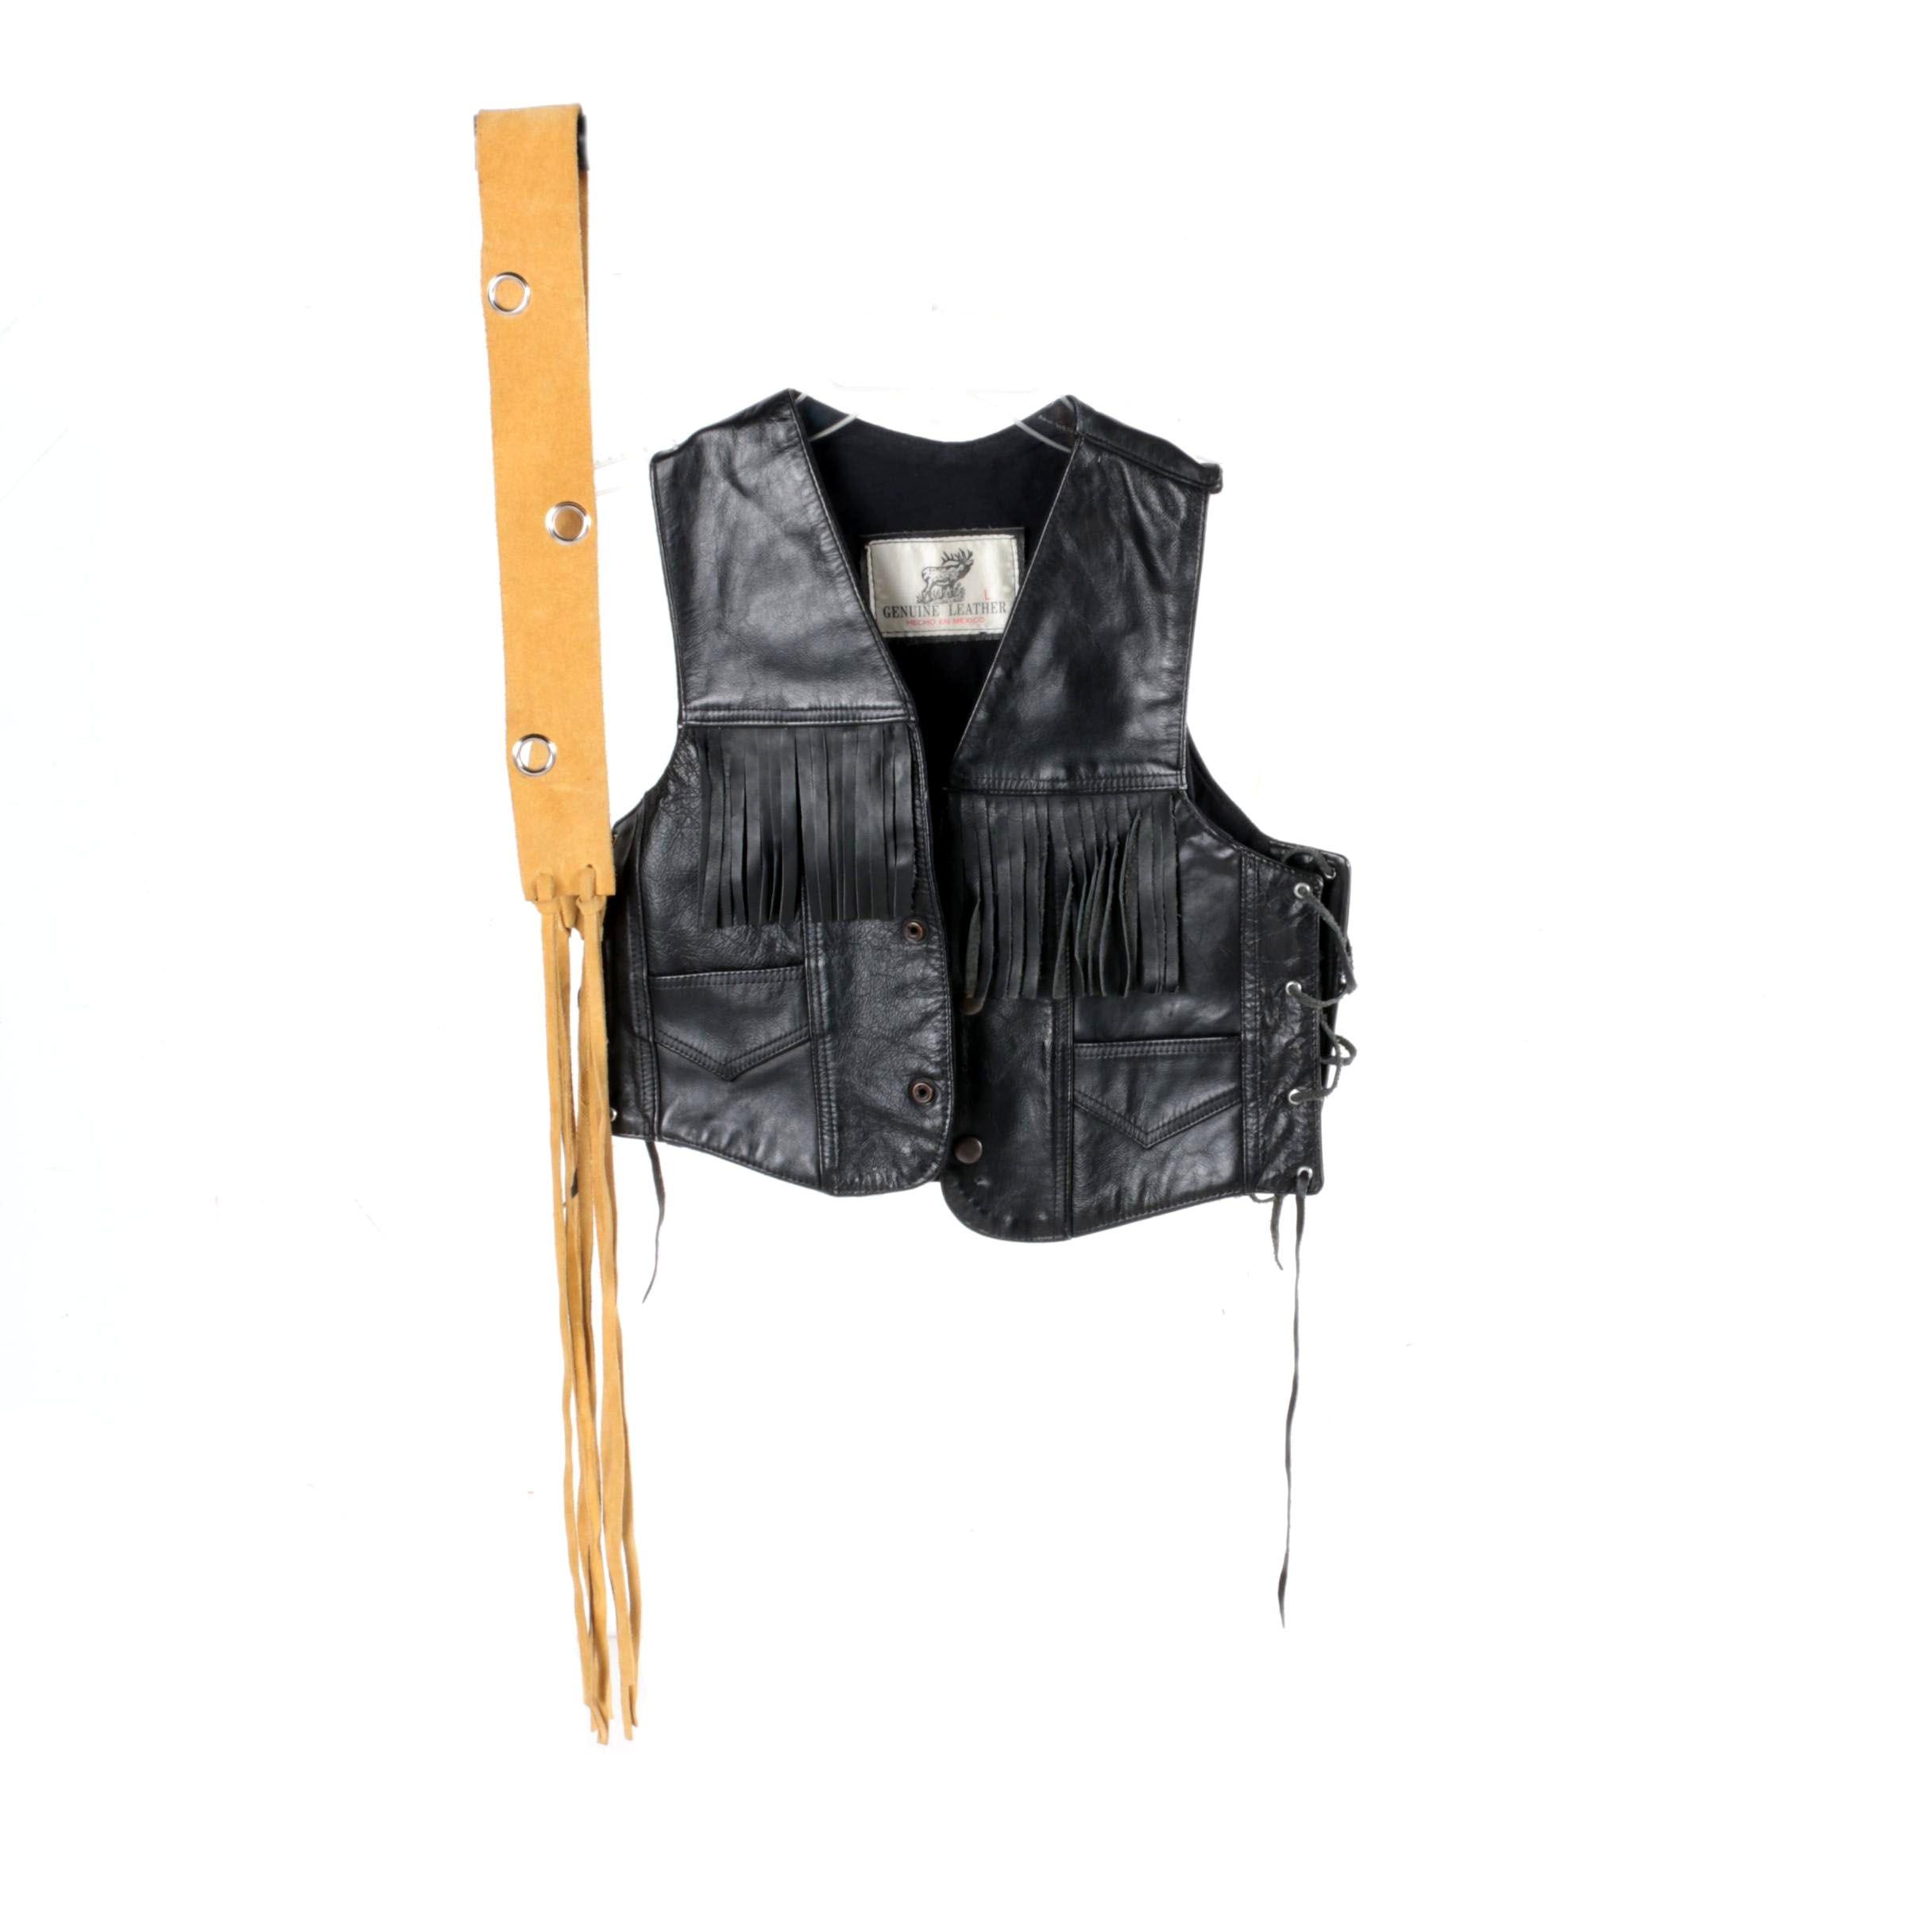 Children's Leather Fringe Vest and Suede Belt